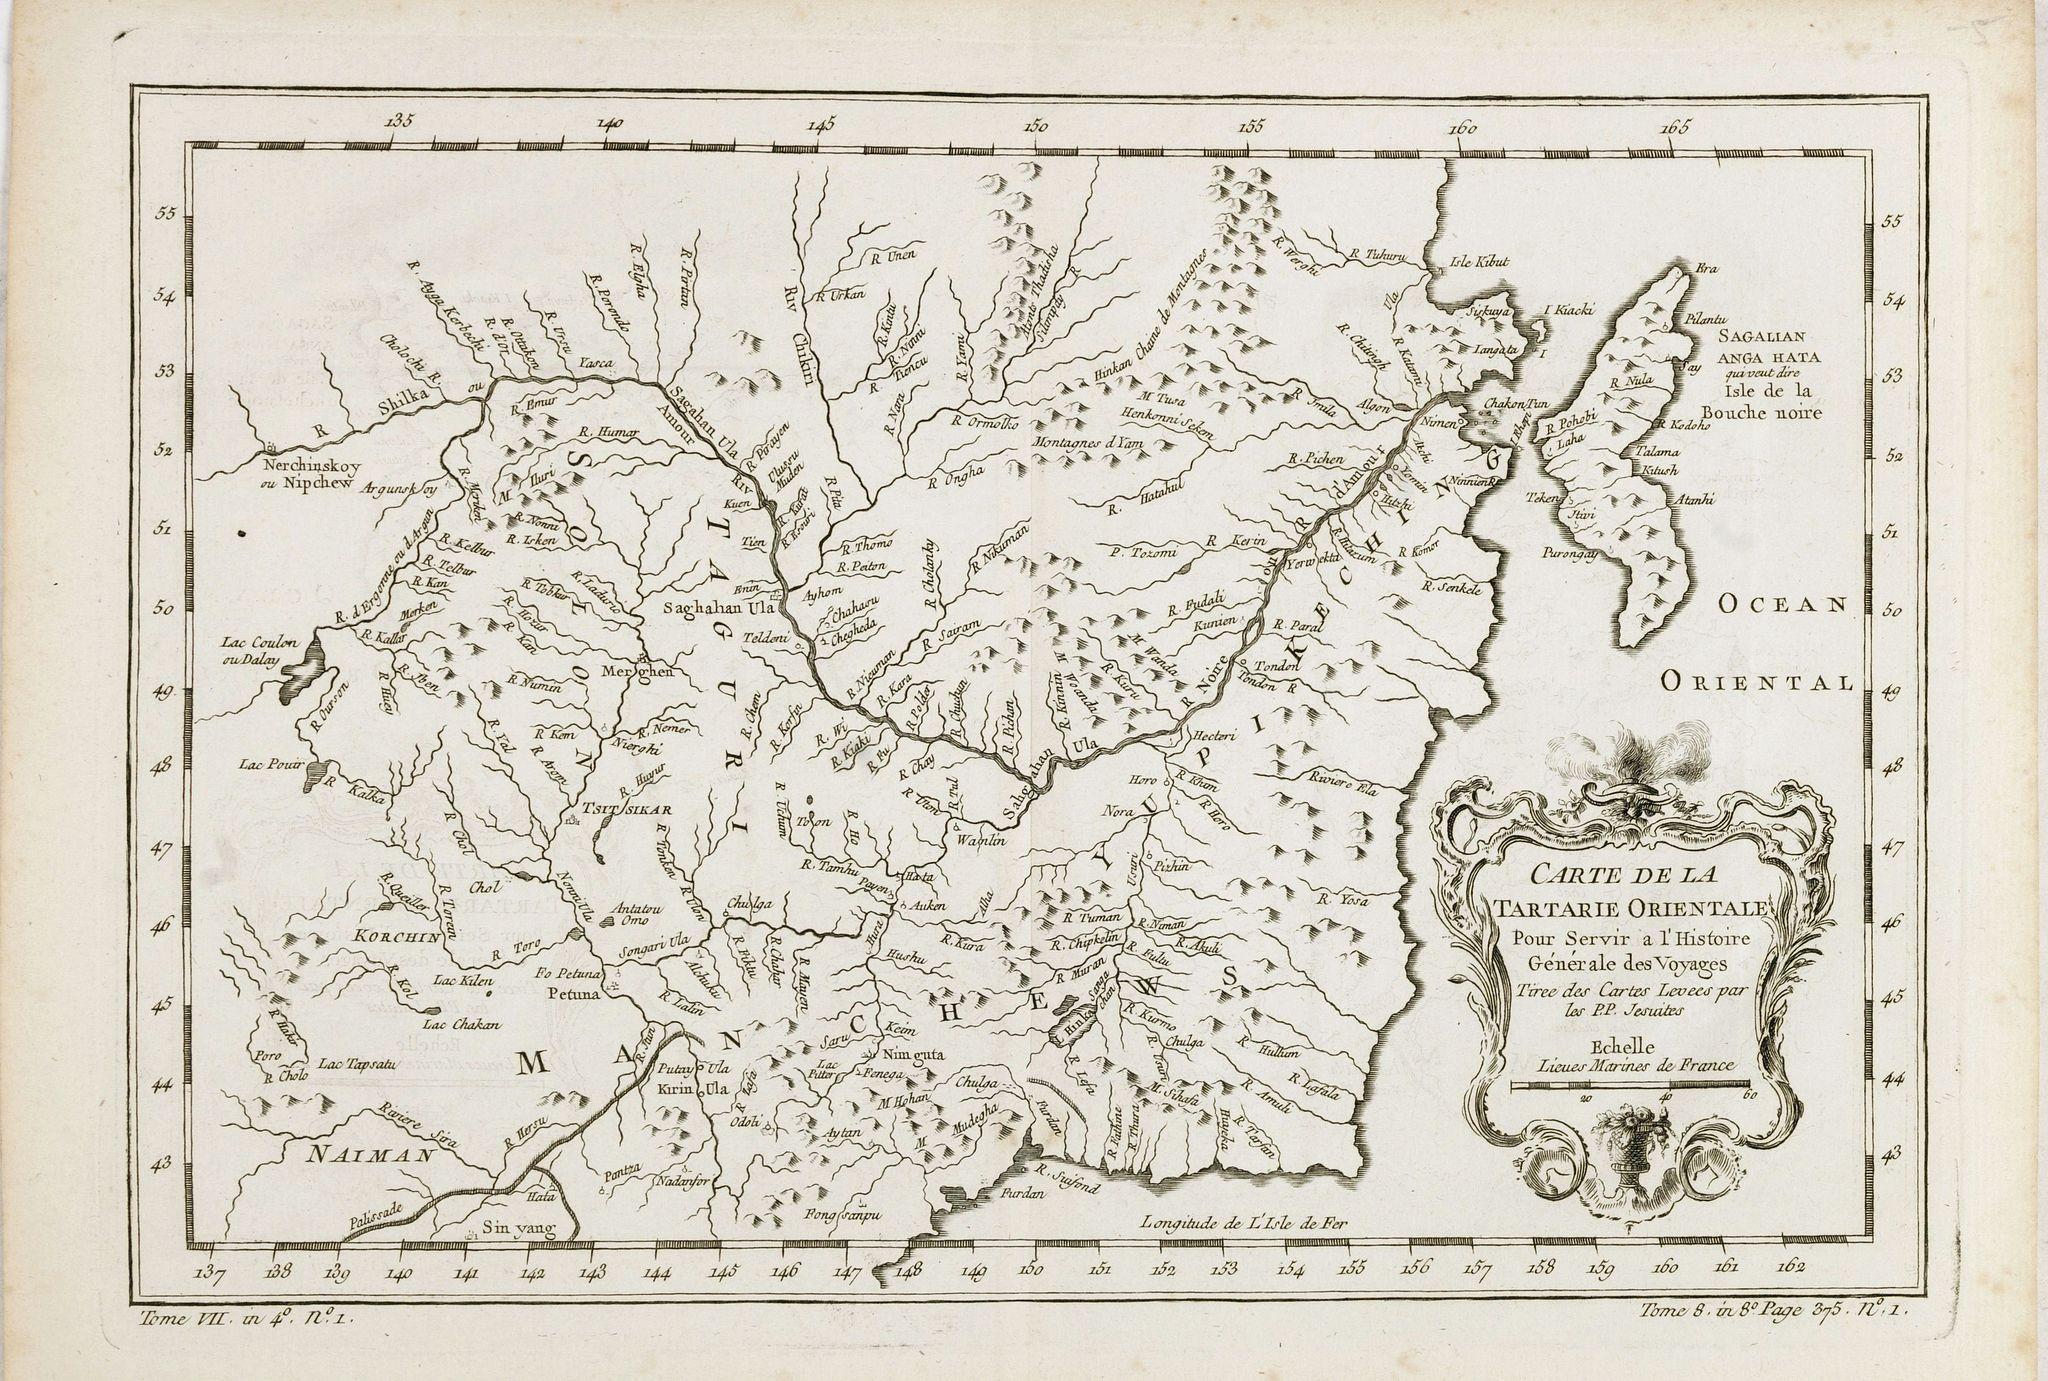 BELLIN, J.N. -  Carte de la Tartarie Orientale pour Servir a l'Histoire Generale des Voyages, Tiree des Cartes Levees par les P.P. Jesuites…